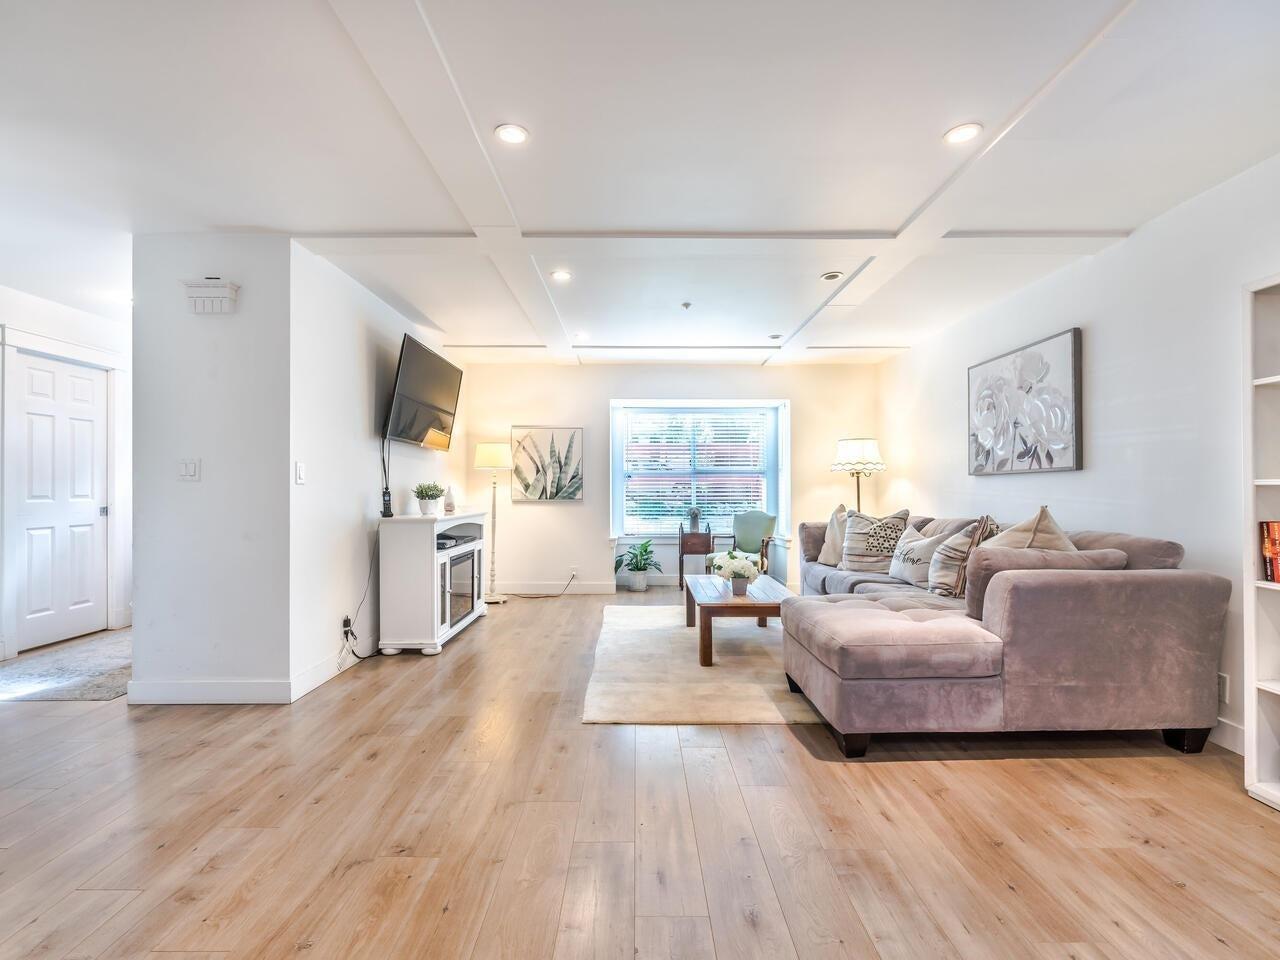 1231 E 11TH AVENUE - Mount Pleasant VE 1/2 Duplex for sale, 3 Bedrooms (R2625828) - #10